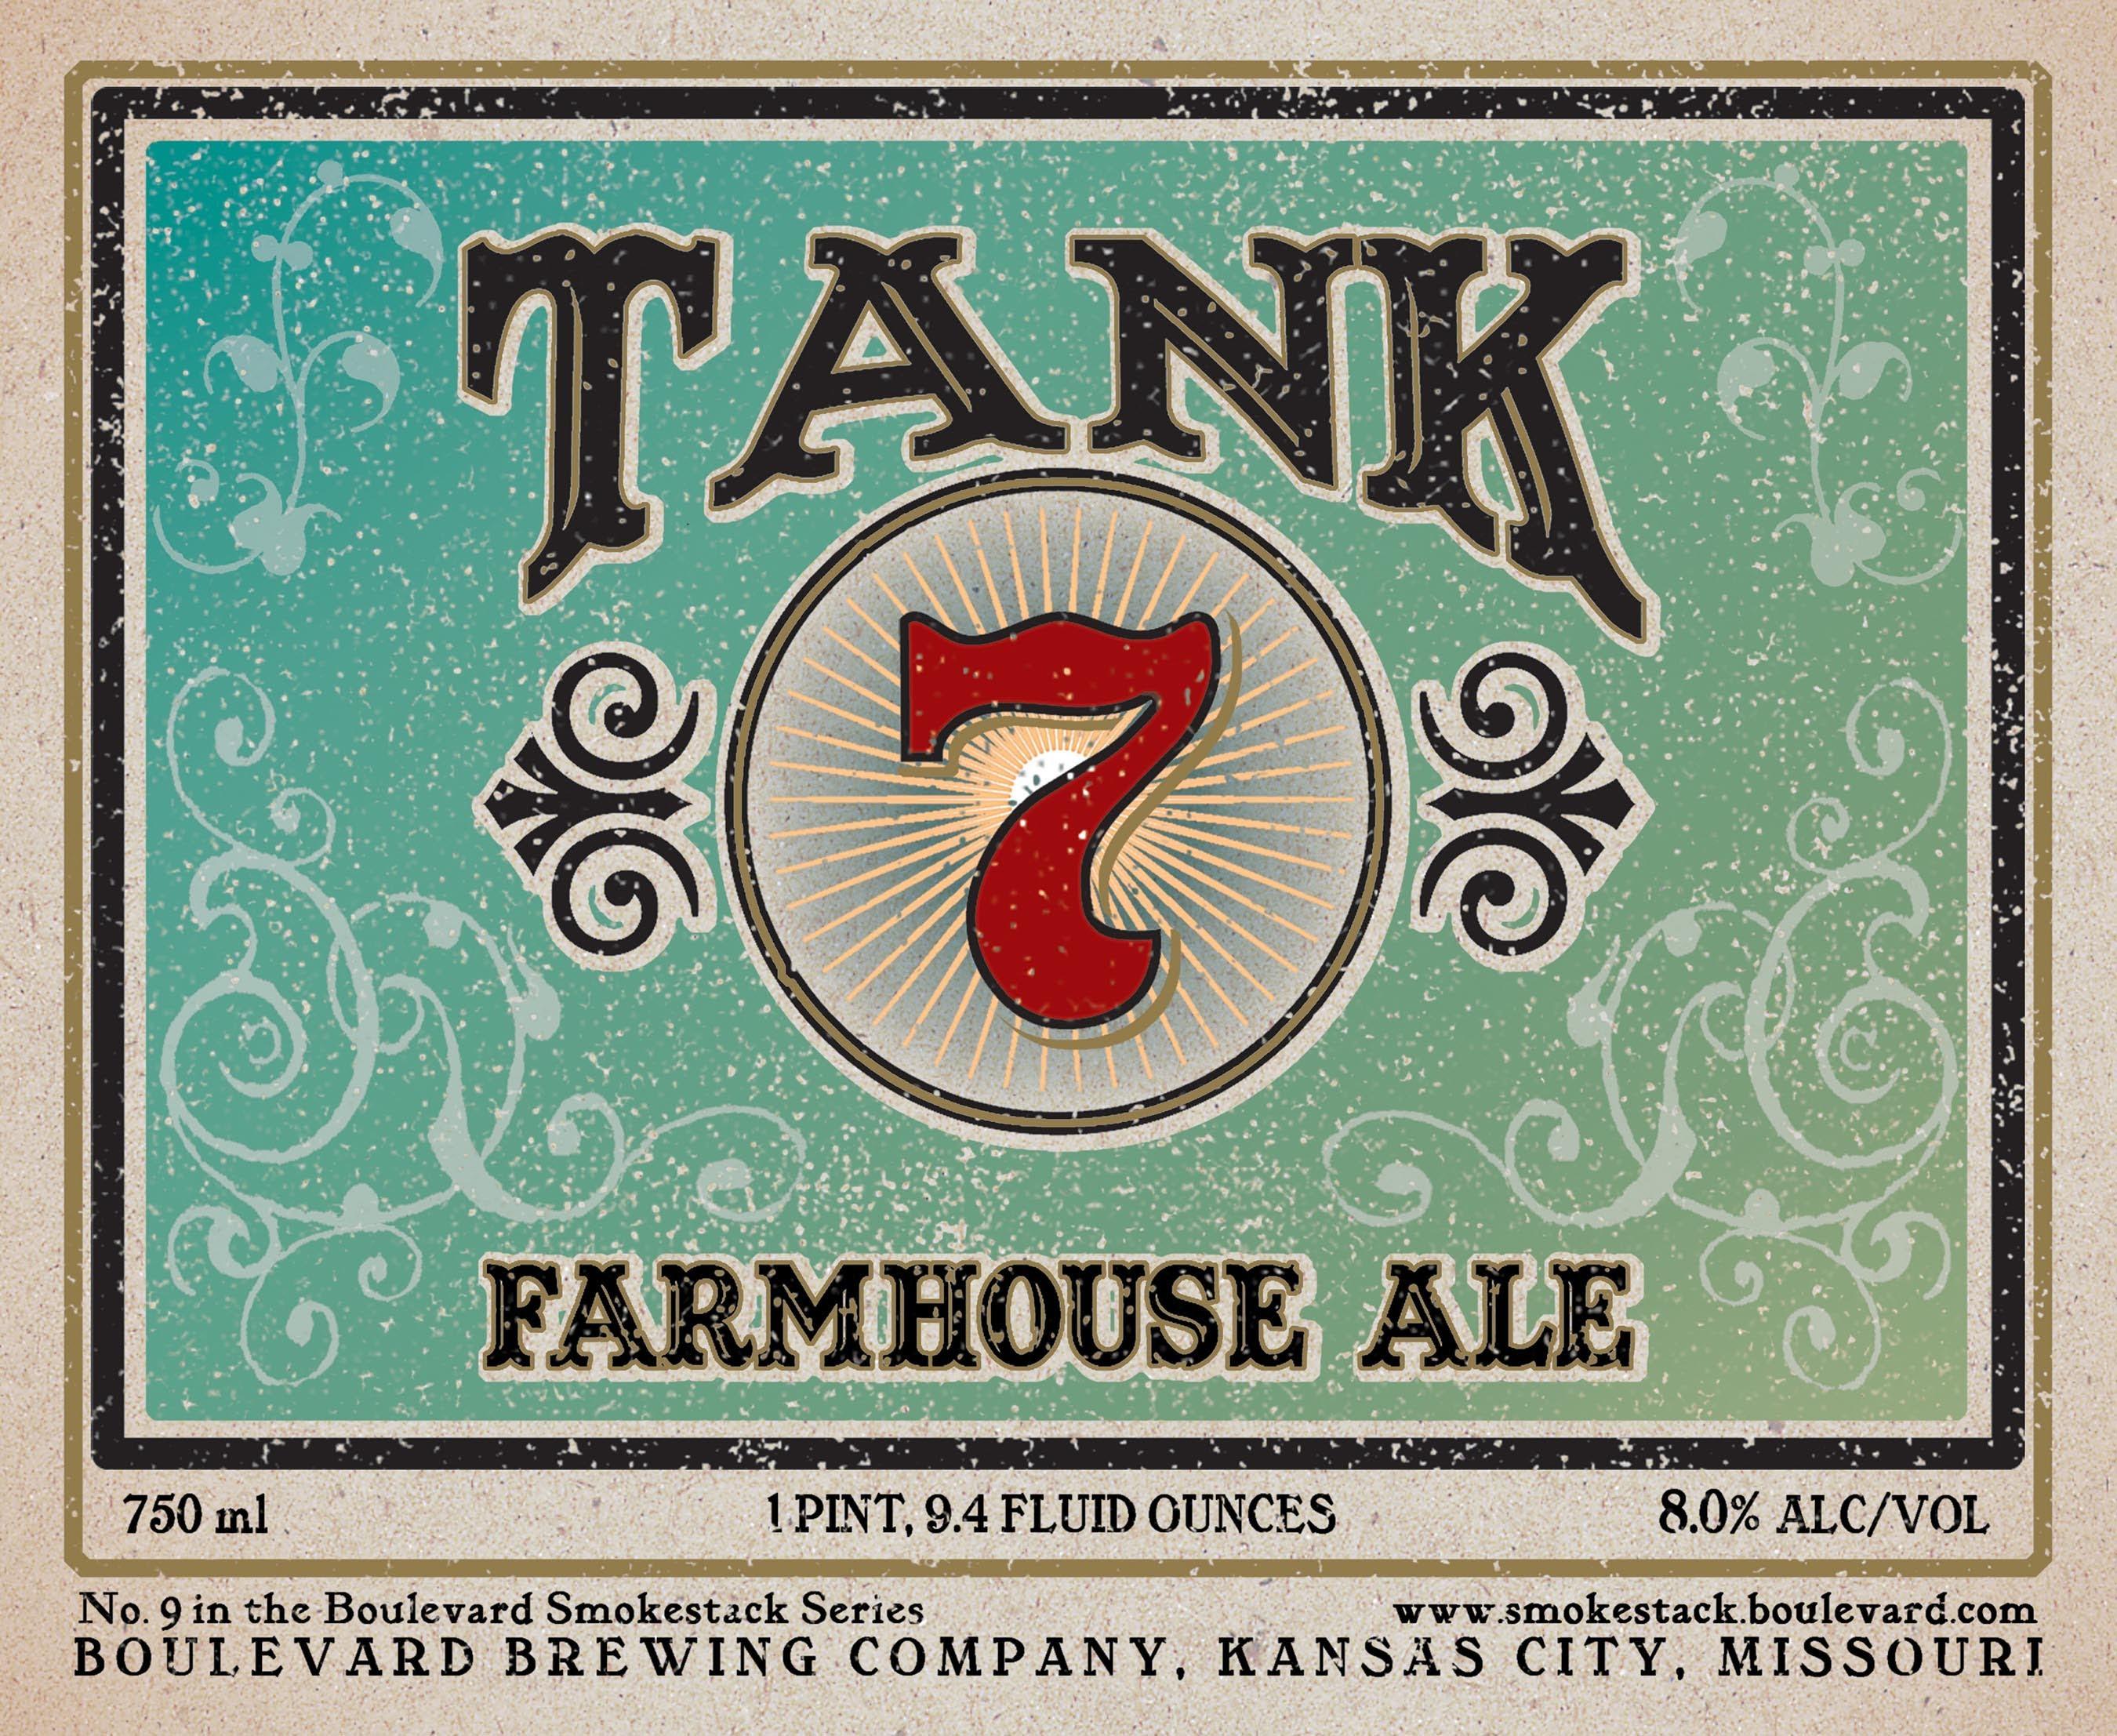 Tank 7 Farmhouse Ale Image